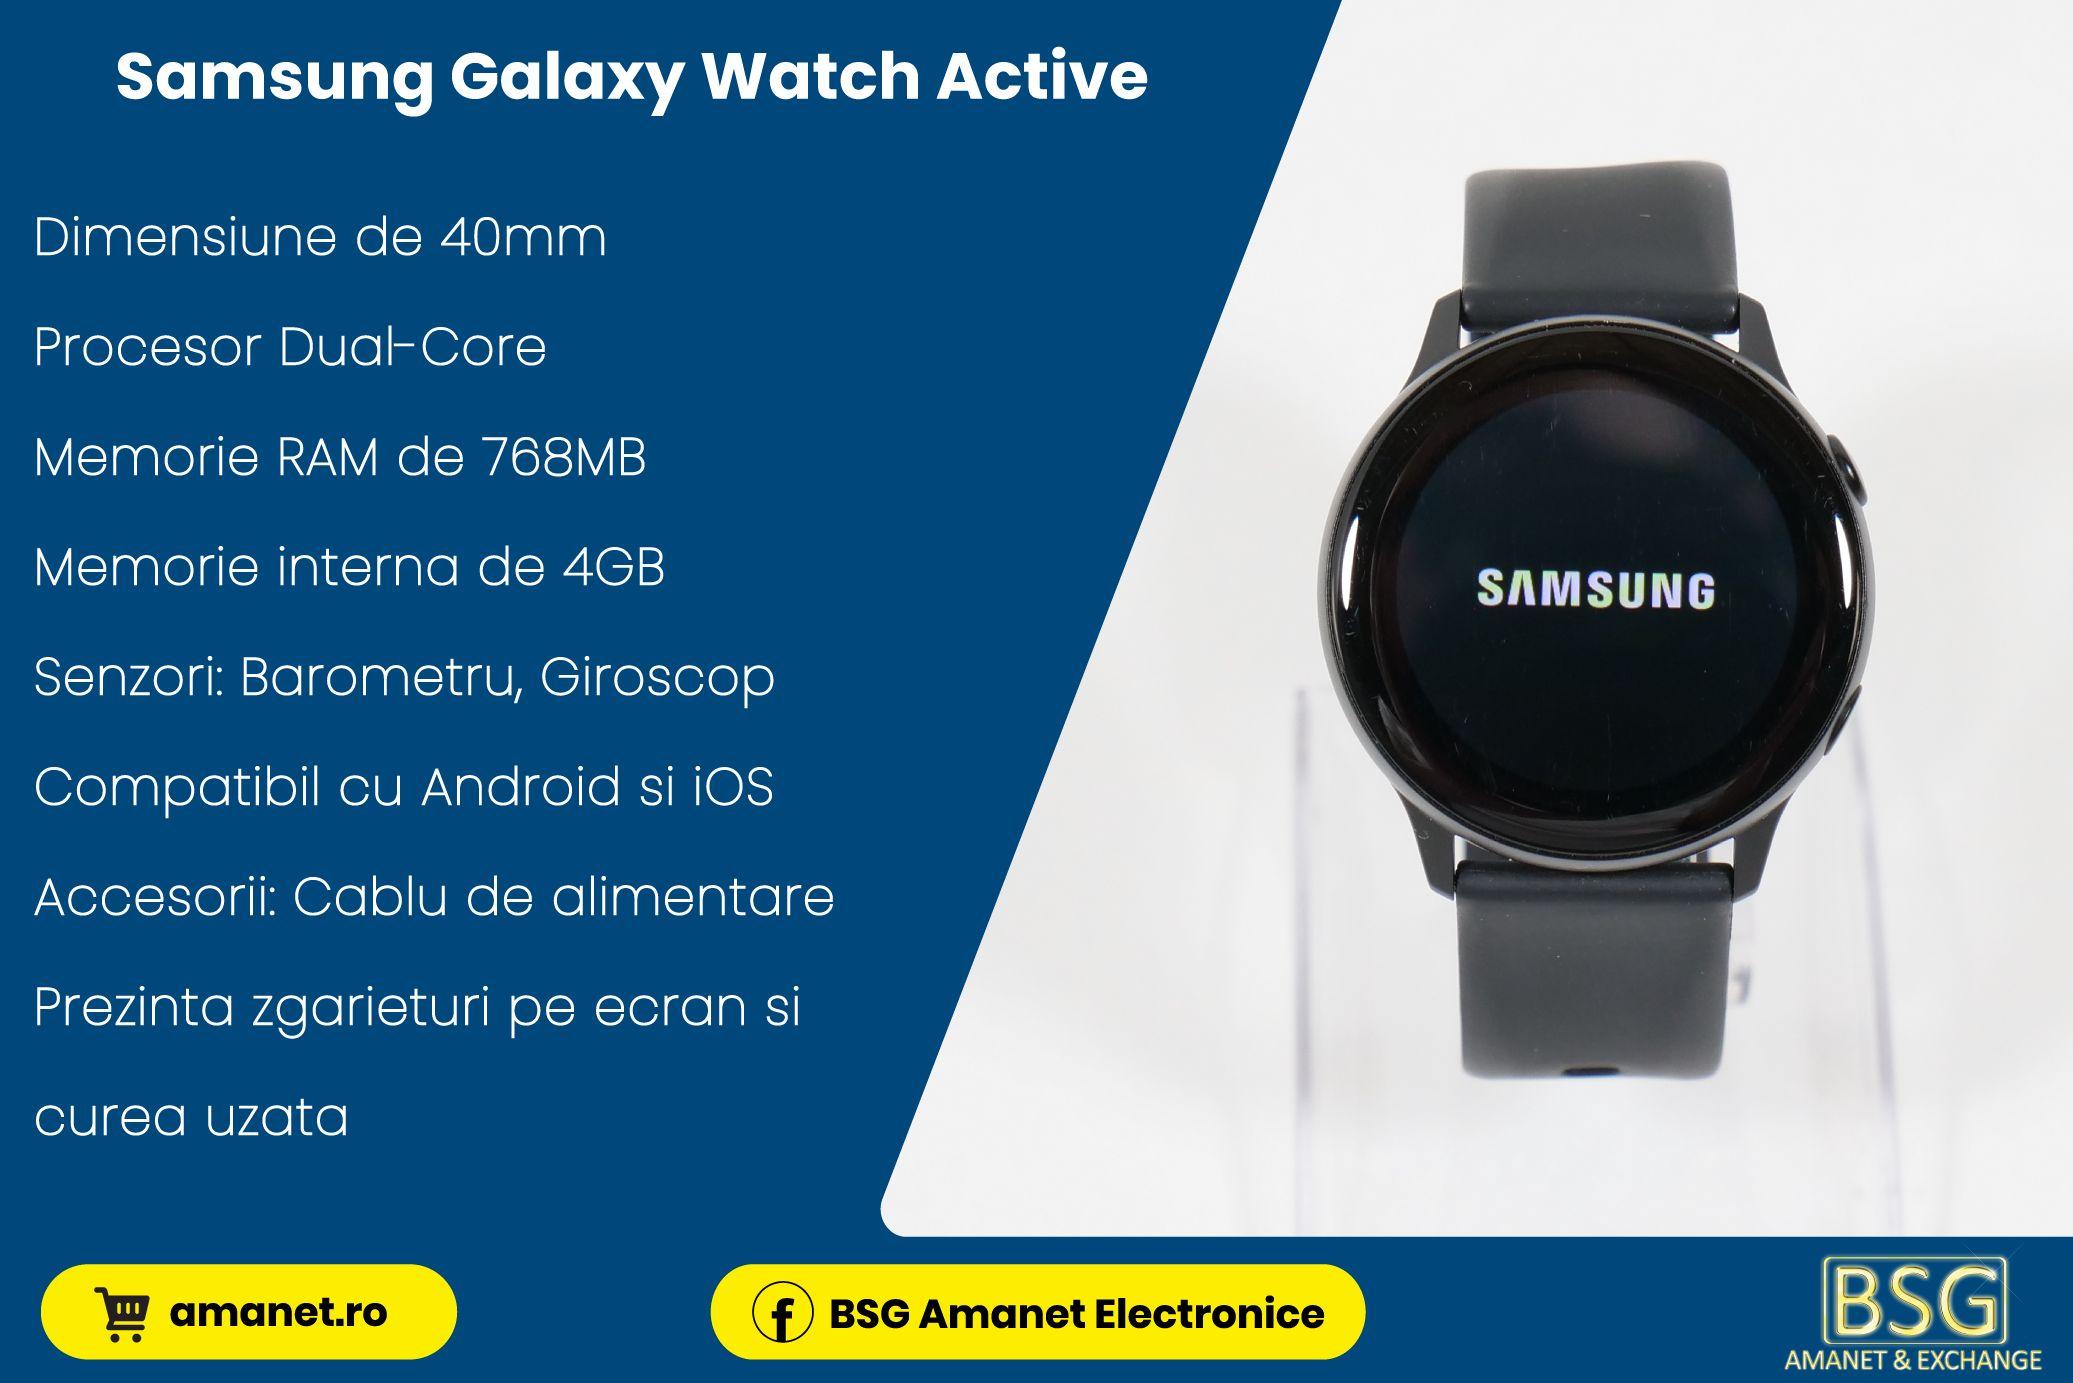 Smartwatch Samsung Galaxy Watch Active - BSG Amanet & Exchange